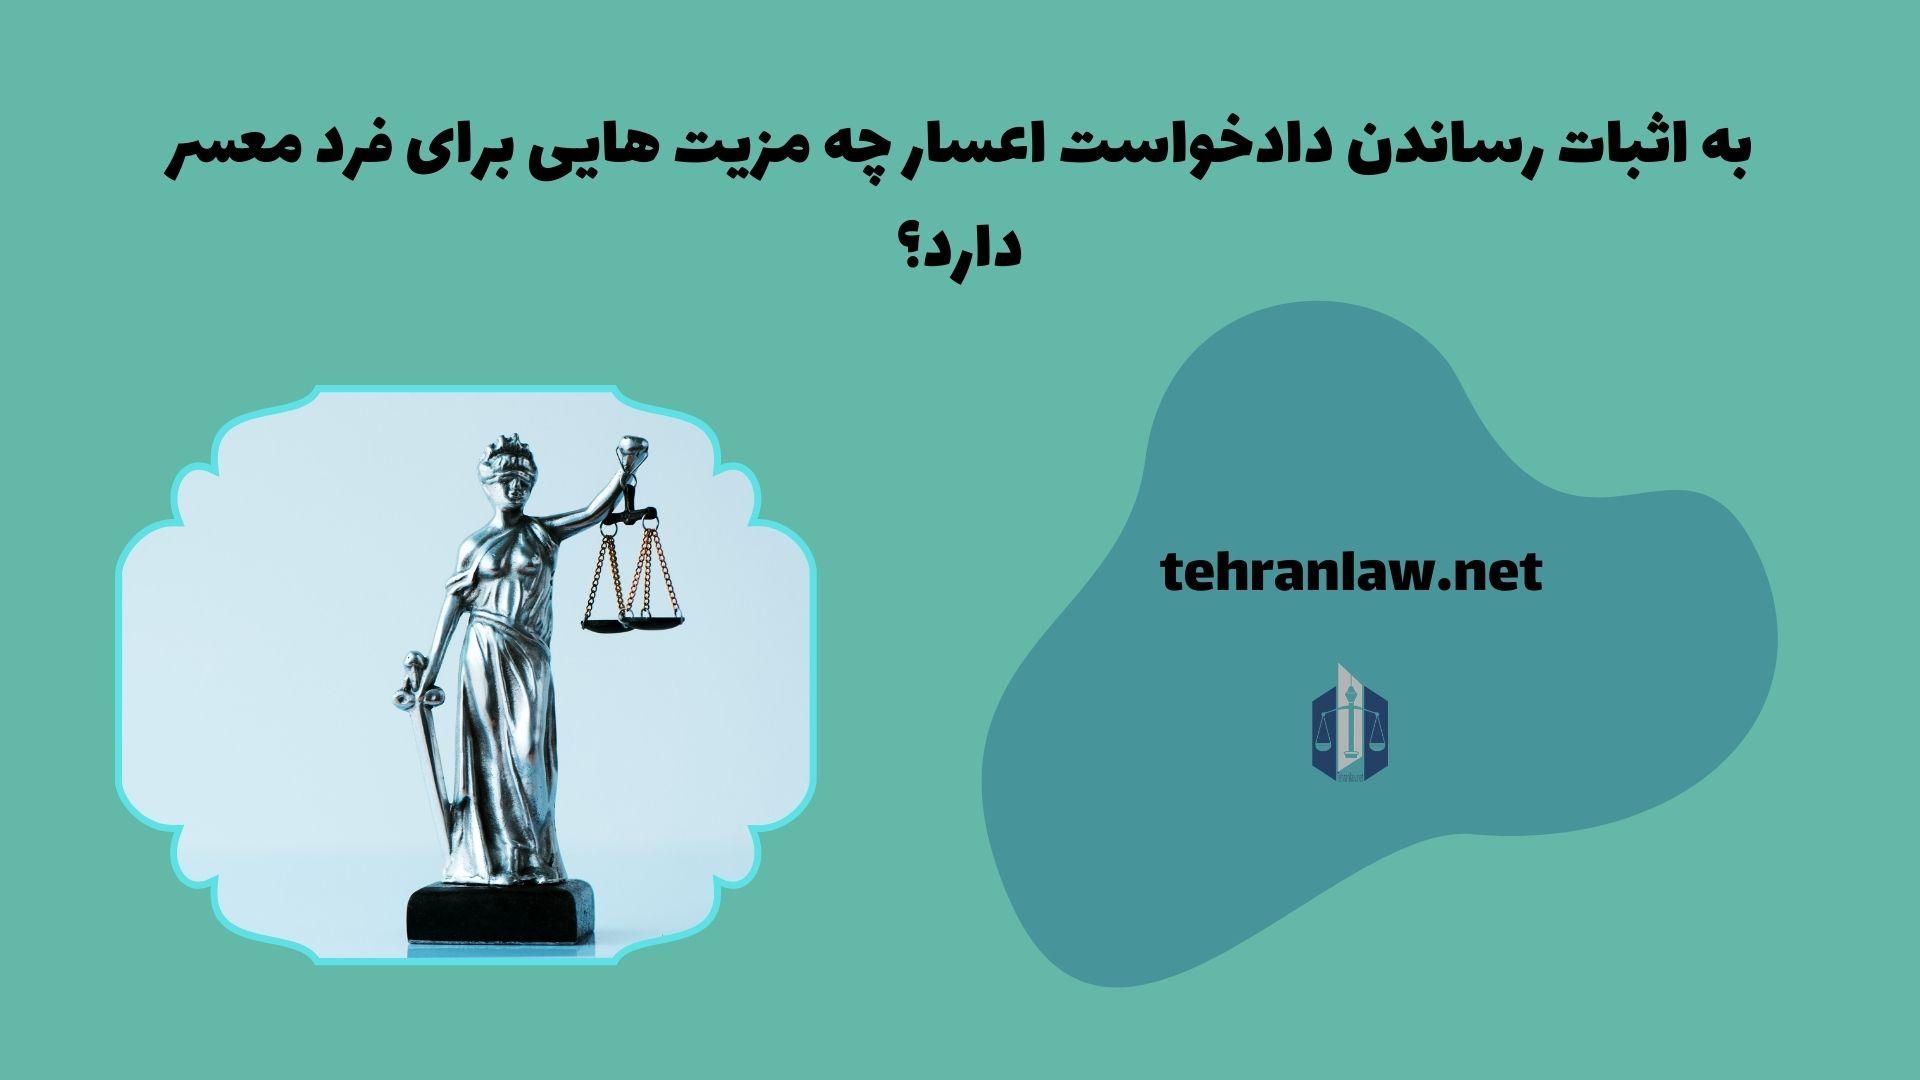 به اثبات رساندن دادخواست اعسار چه مزیت هایی برای فرد معسر دارد؟